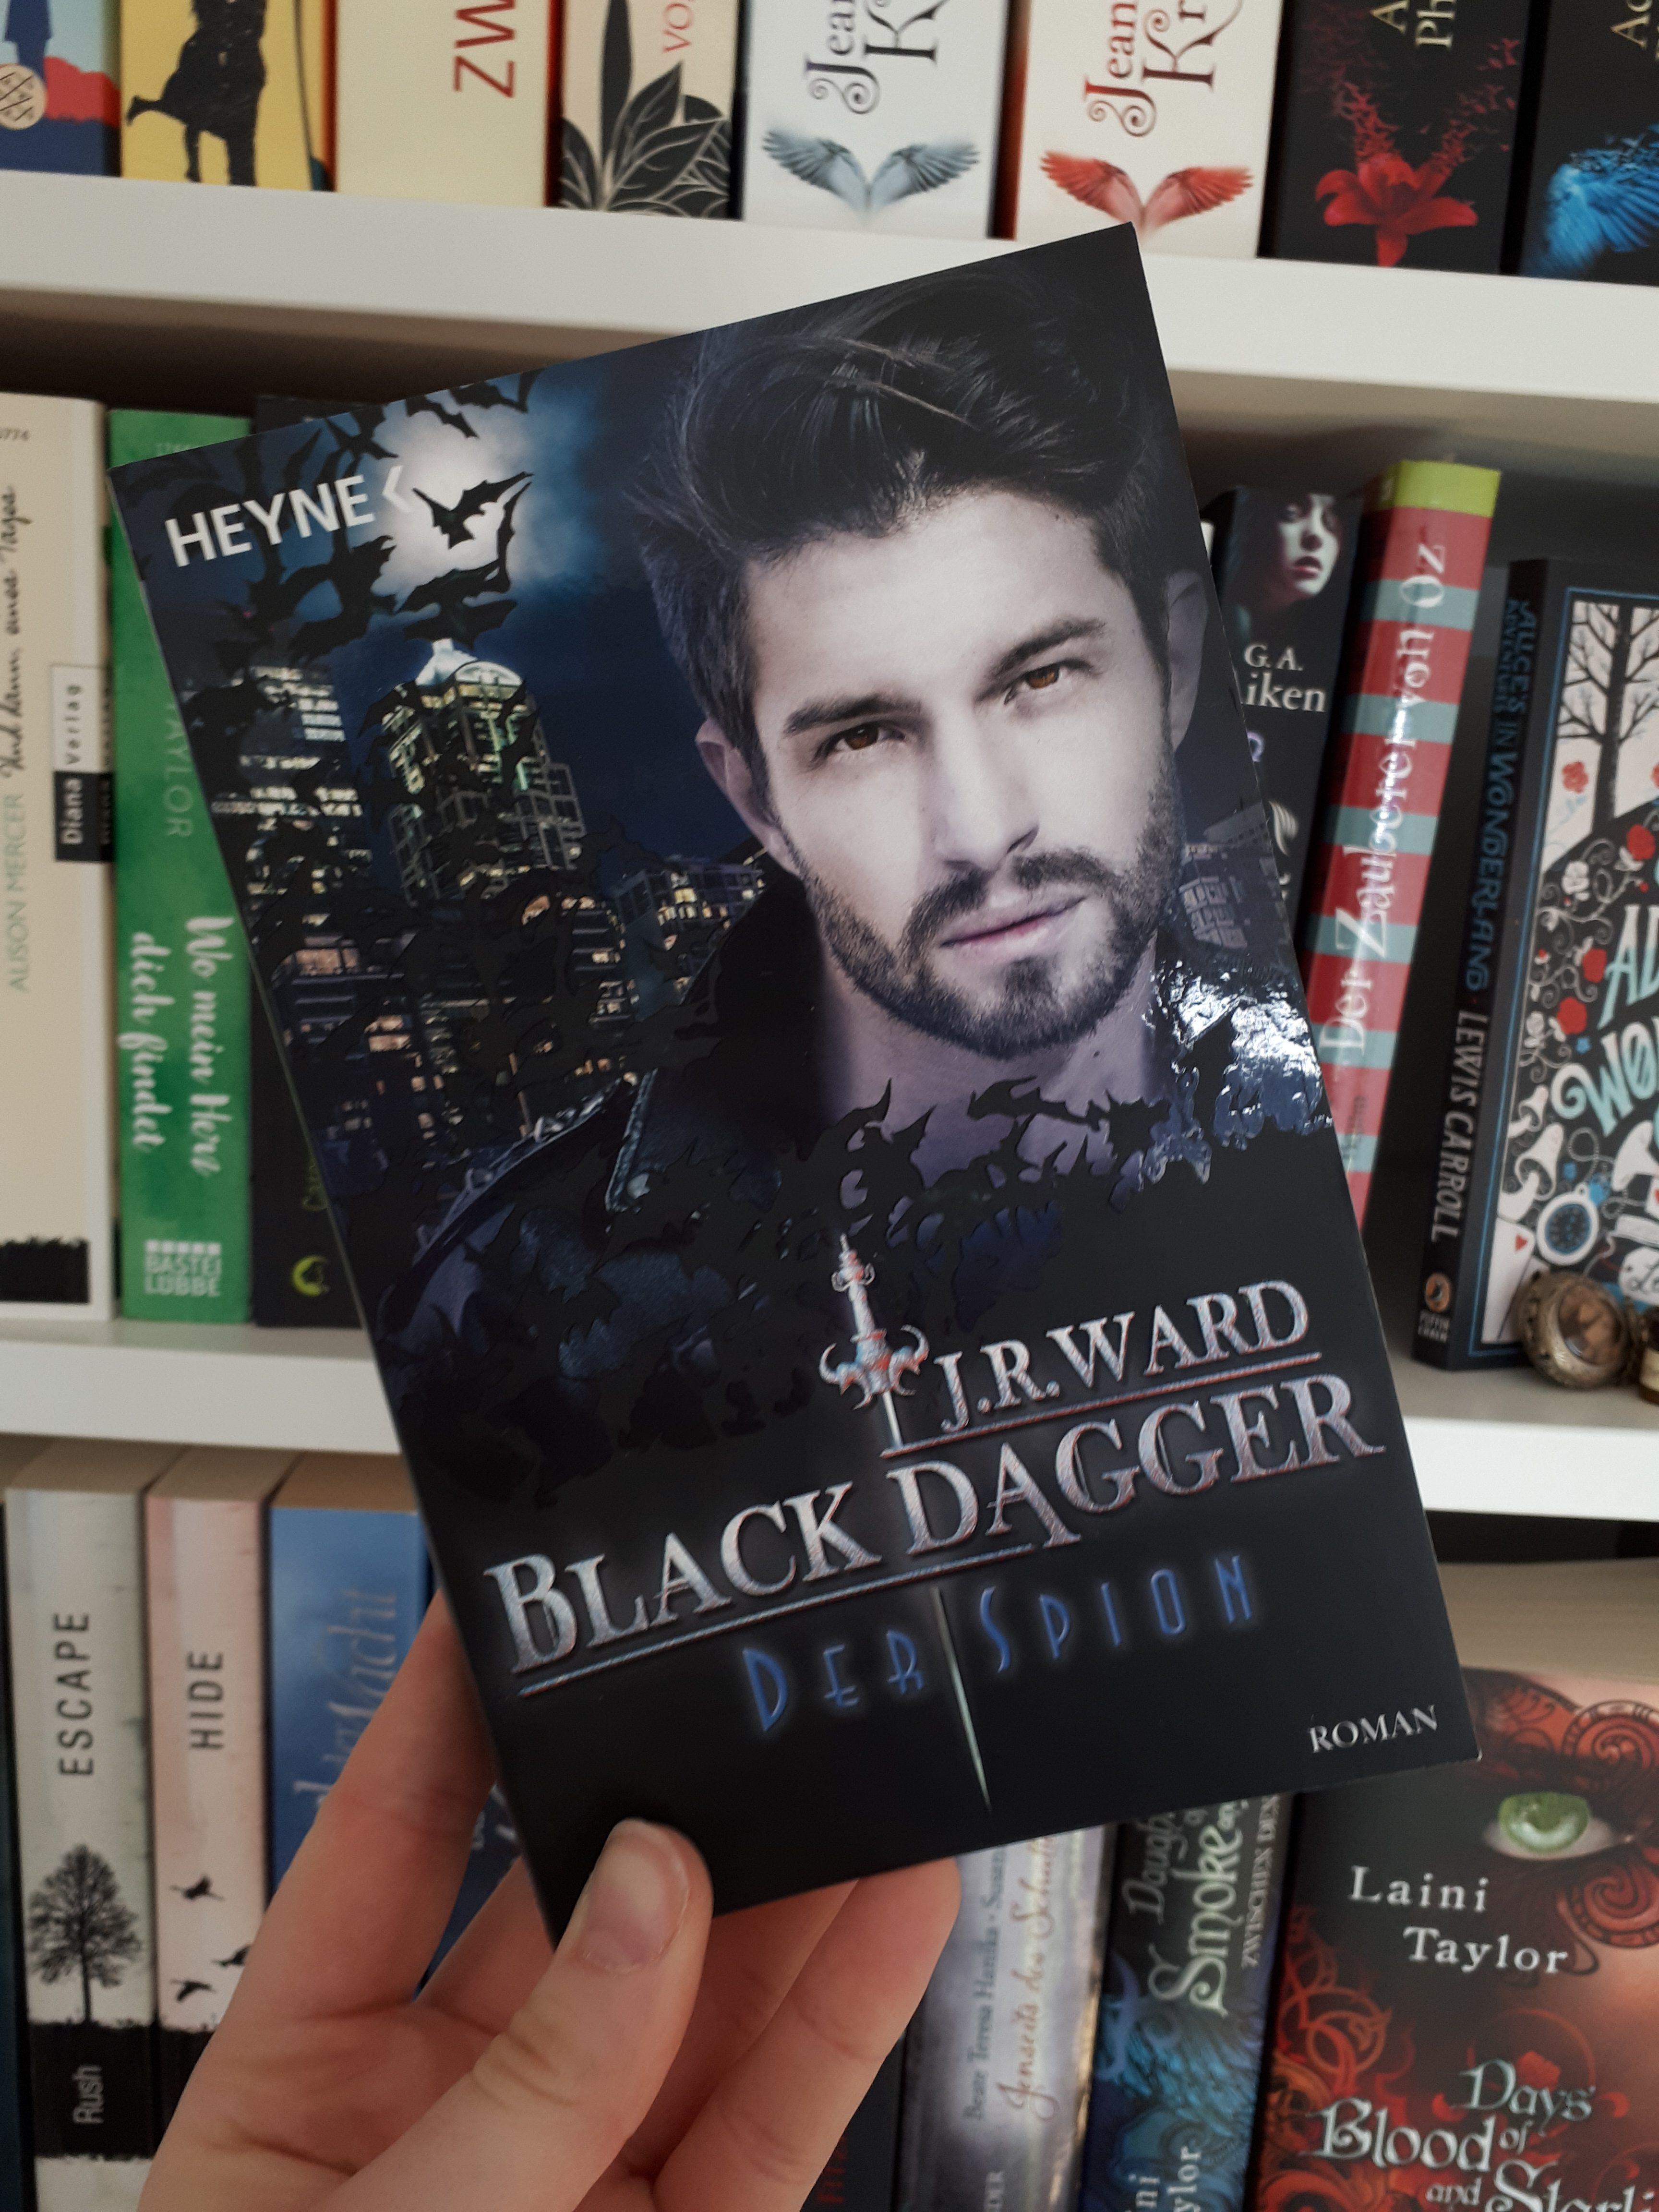 [Werbung] Black Dagger: Der Spion – J.R.Ward